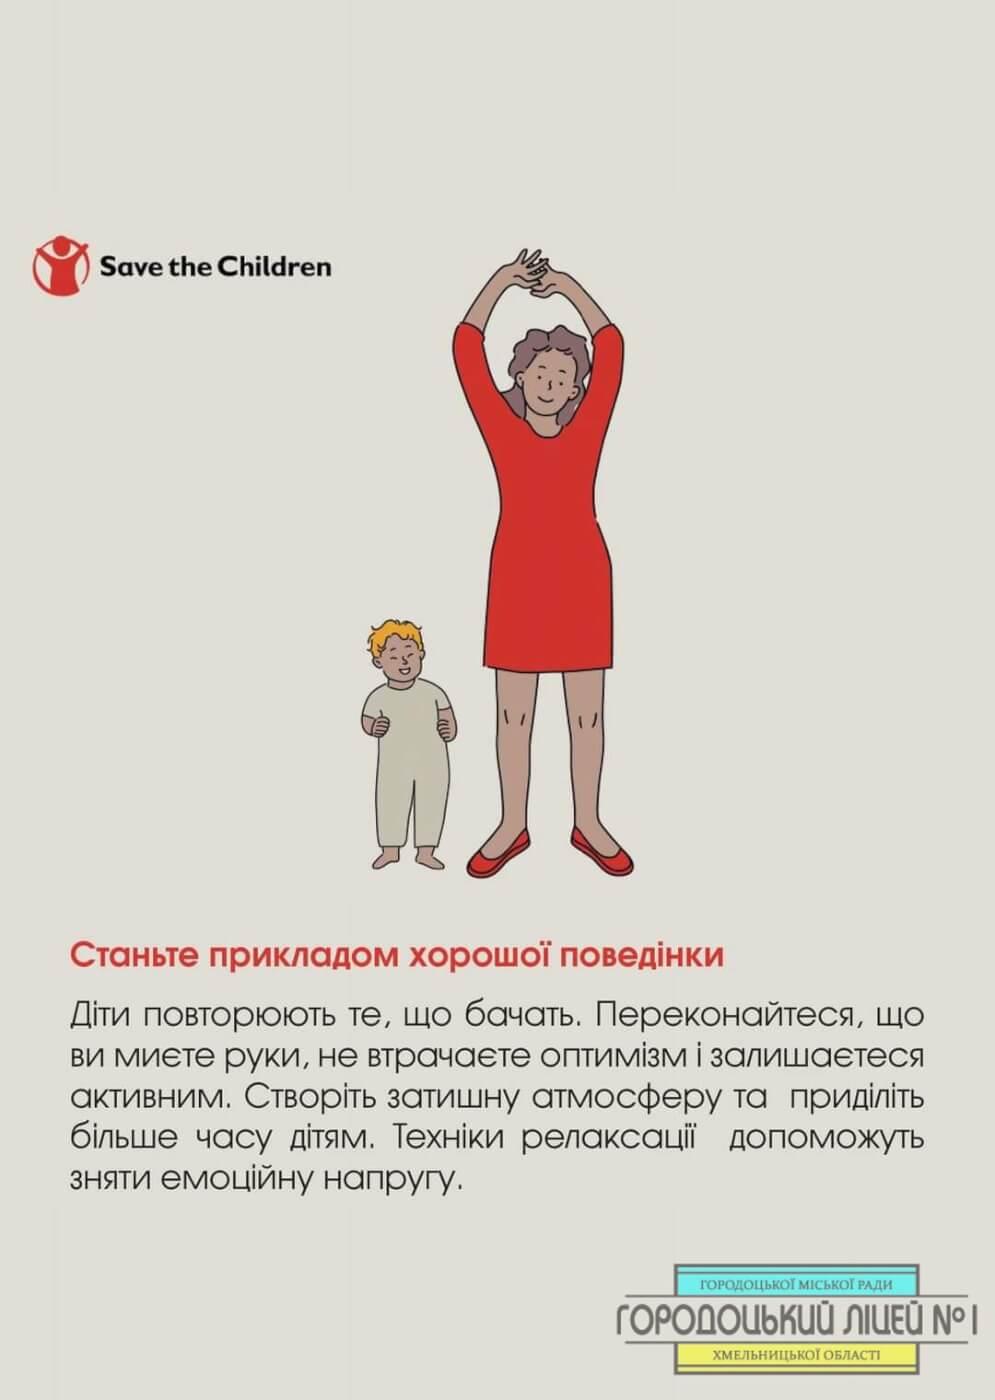 zobrazhennya viber 2021 03 29 11 22 036 - Діти на карантині. Поради для батьків